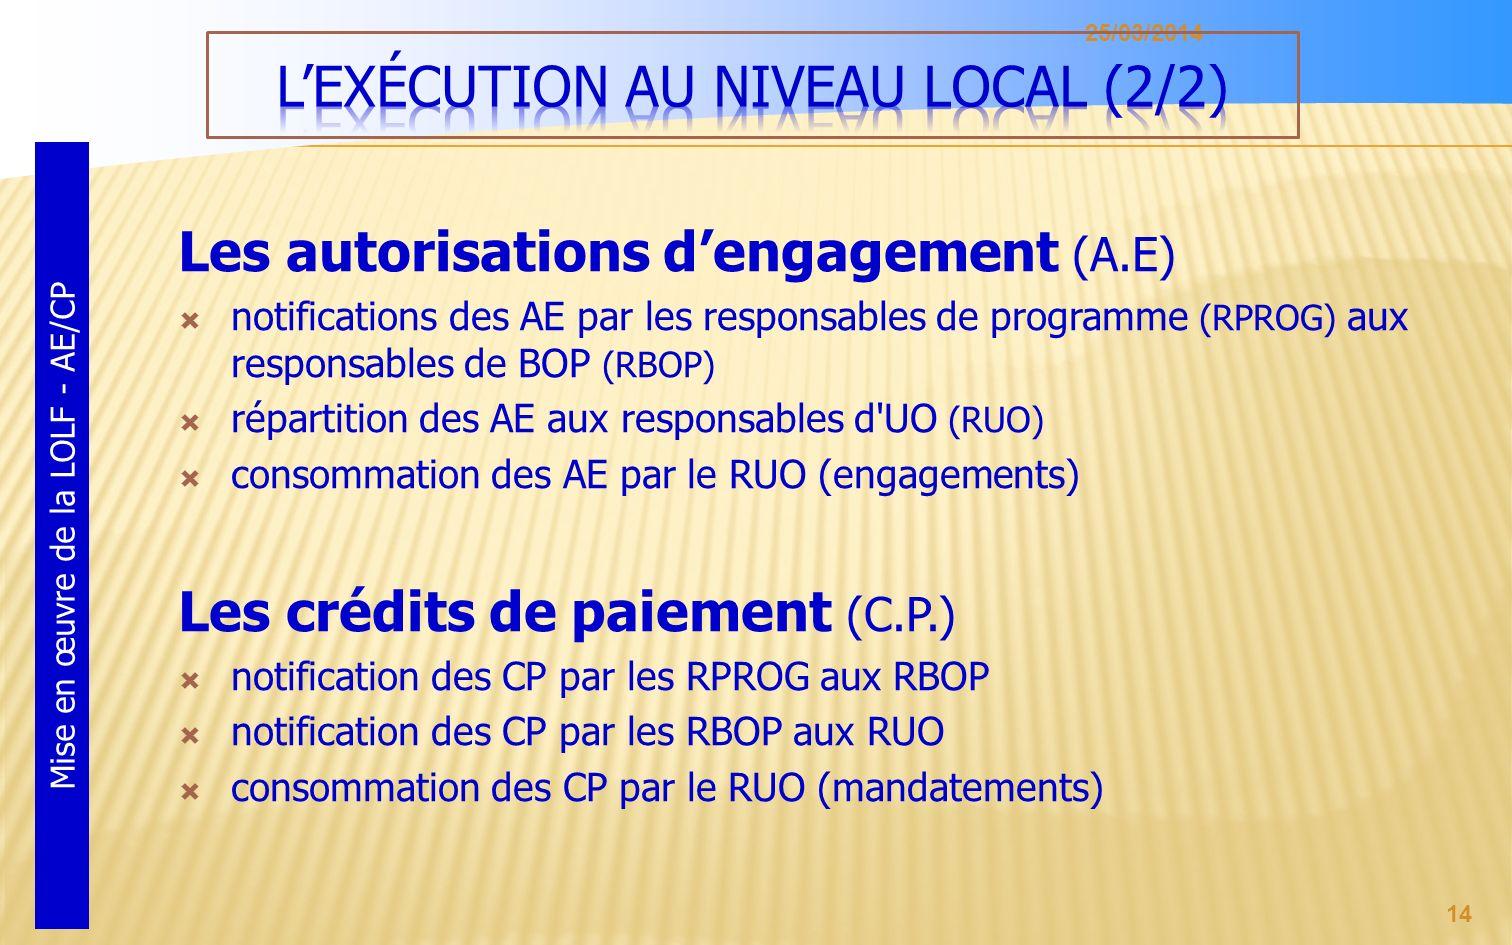 L'exécution au niveau local (2/2)